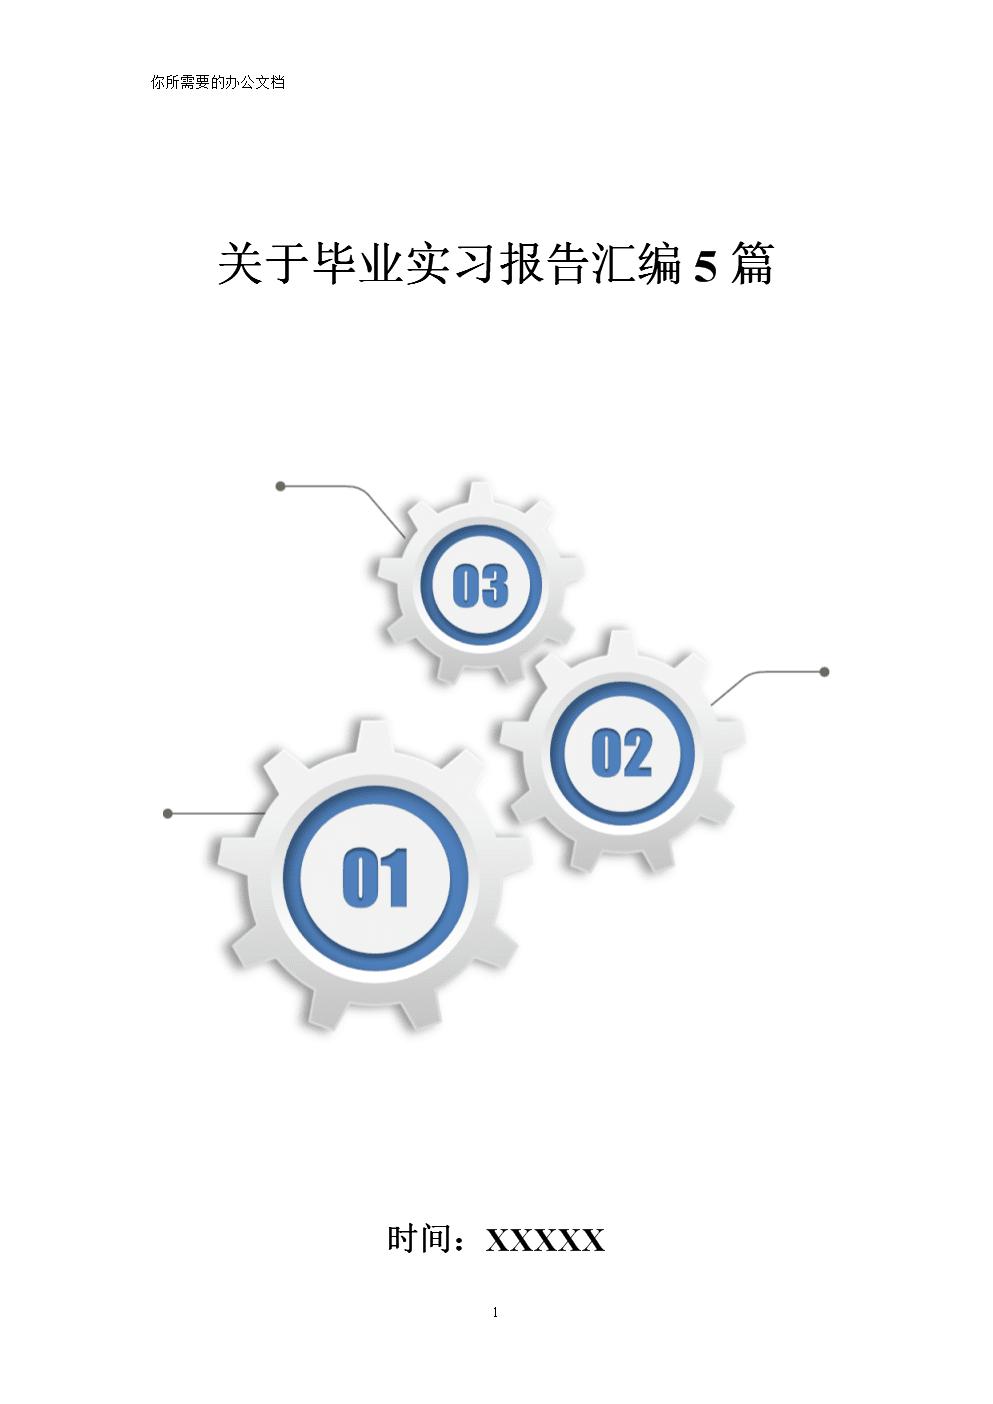 关于毕业实习报告汇编5篇精编.doc